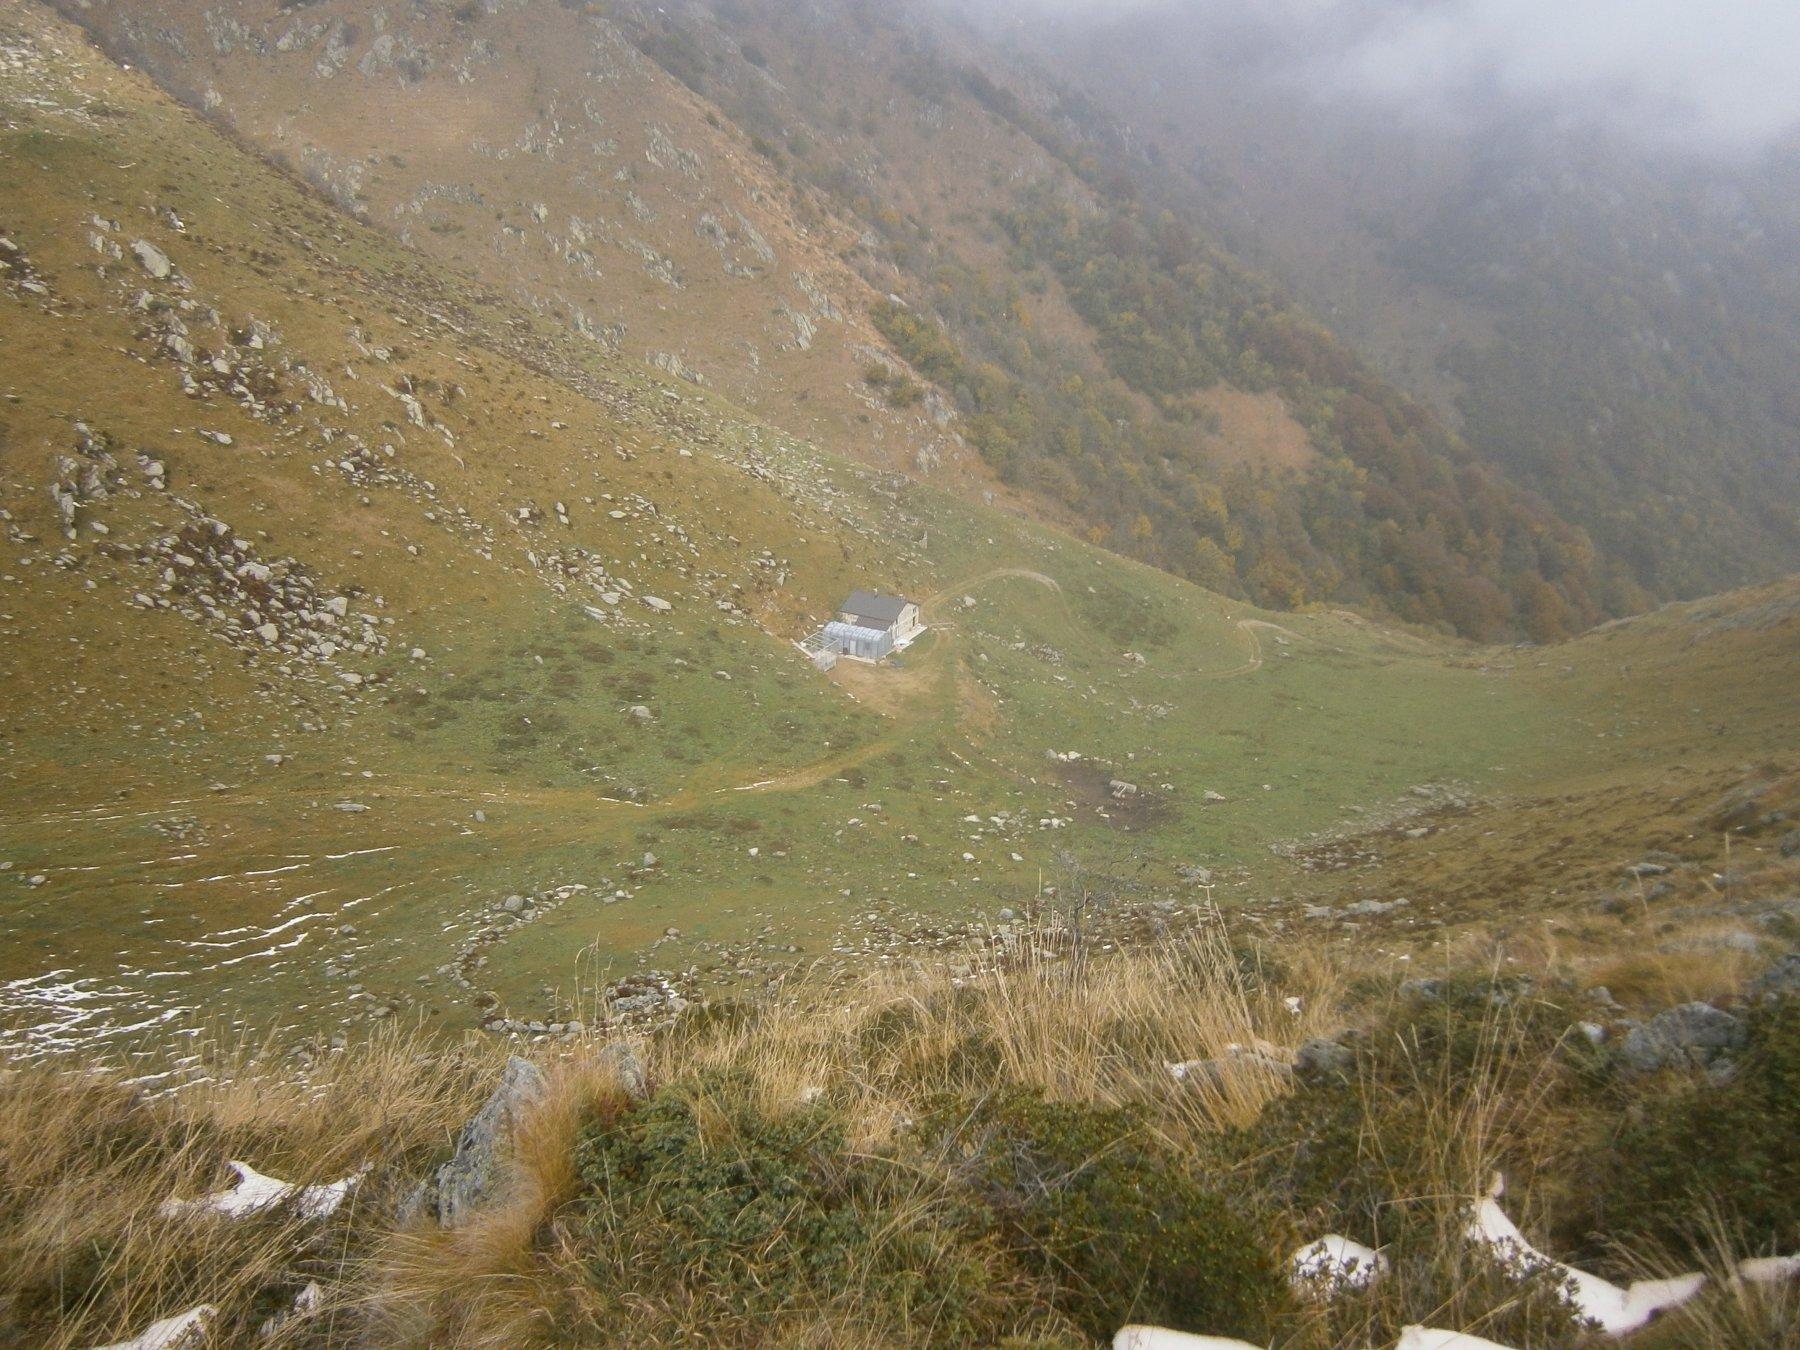 La conca del gias dalla cima